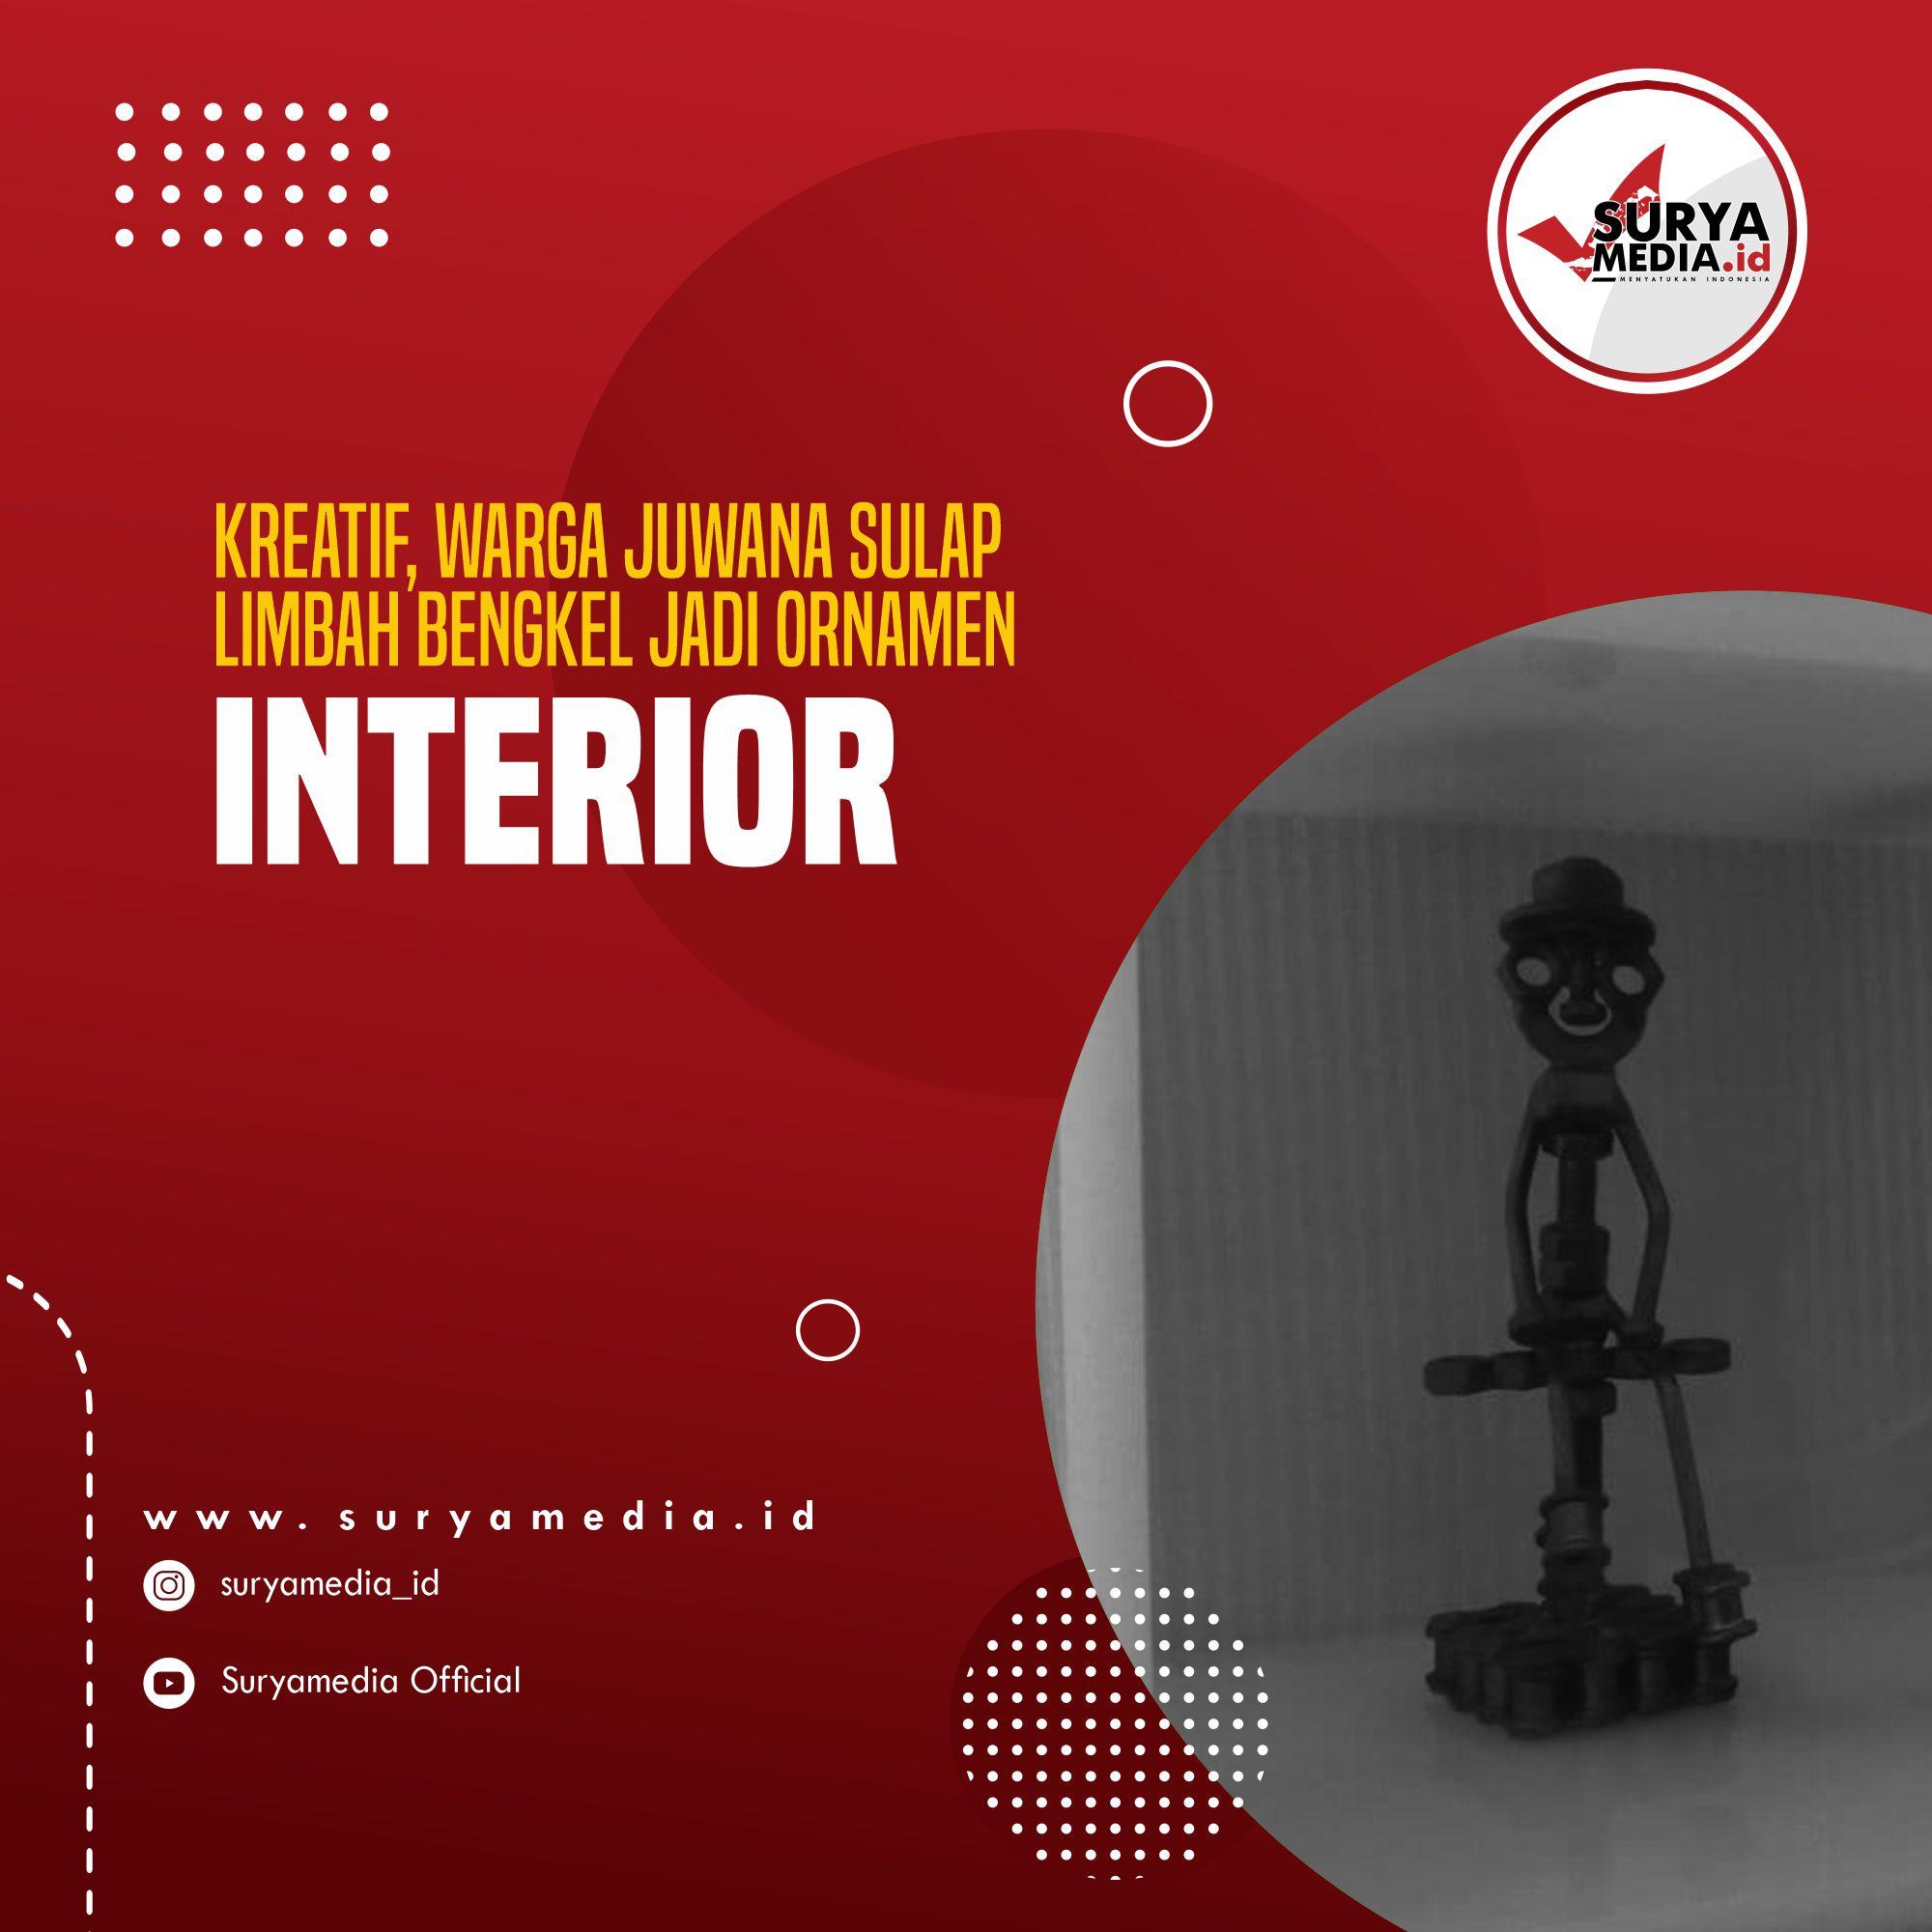 Kreatif, Warga Juwana Sulap Limbah Bengkel Jadi Ornamen Interior A